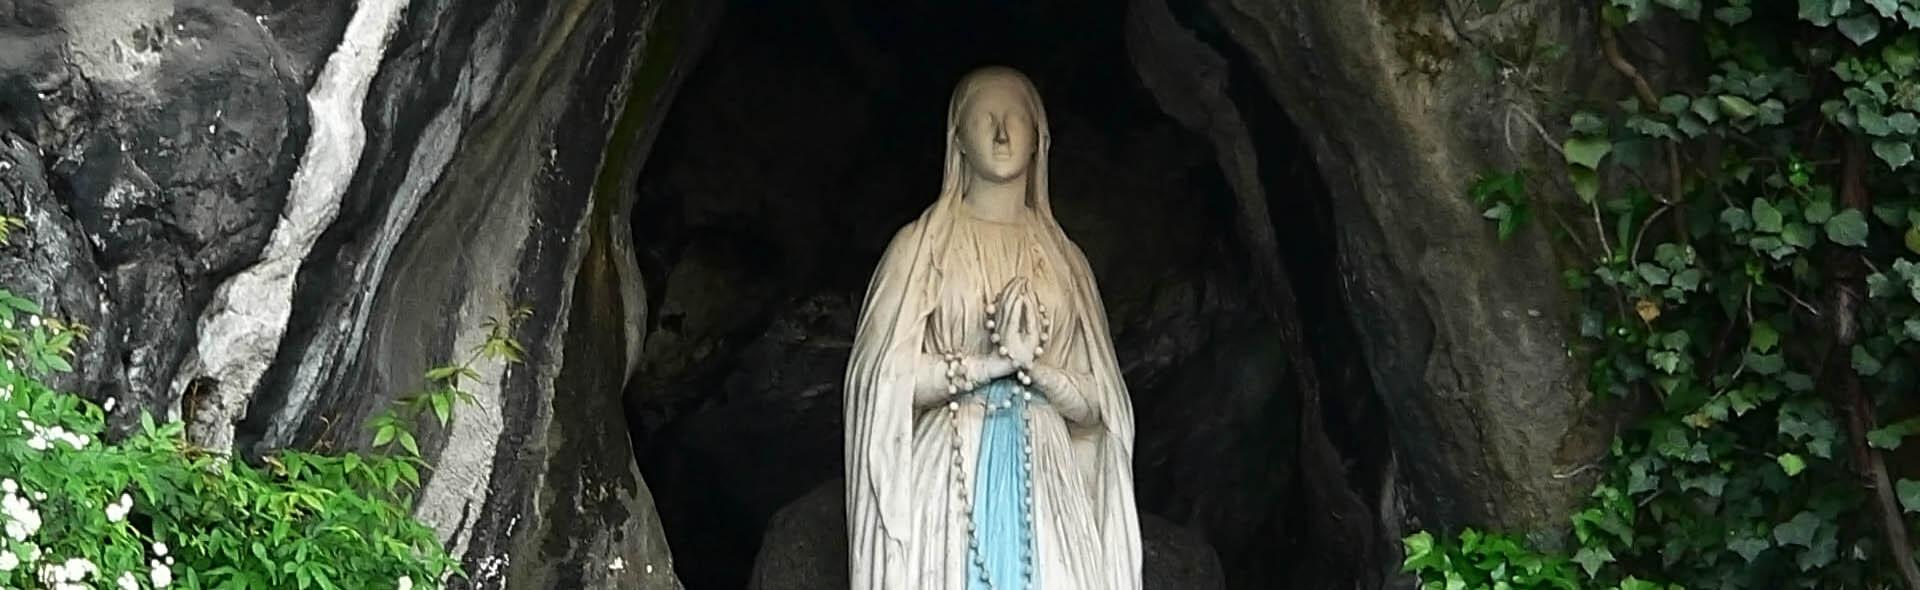 Viaggio a Lourdes in Aereo da Milano Fine Agosto